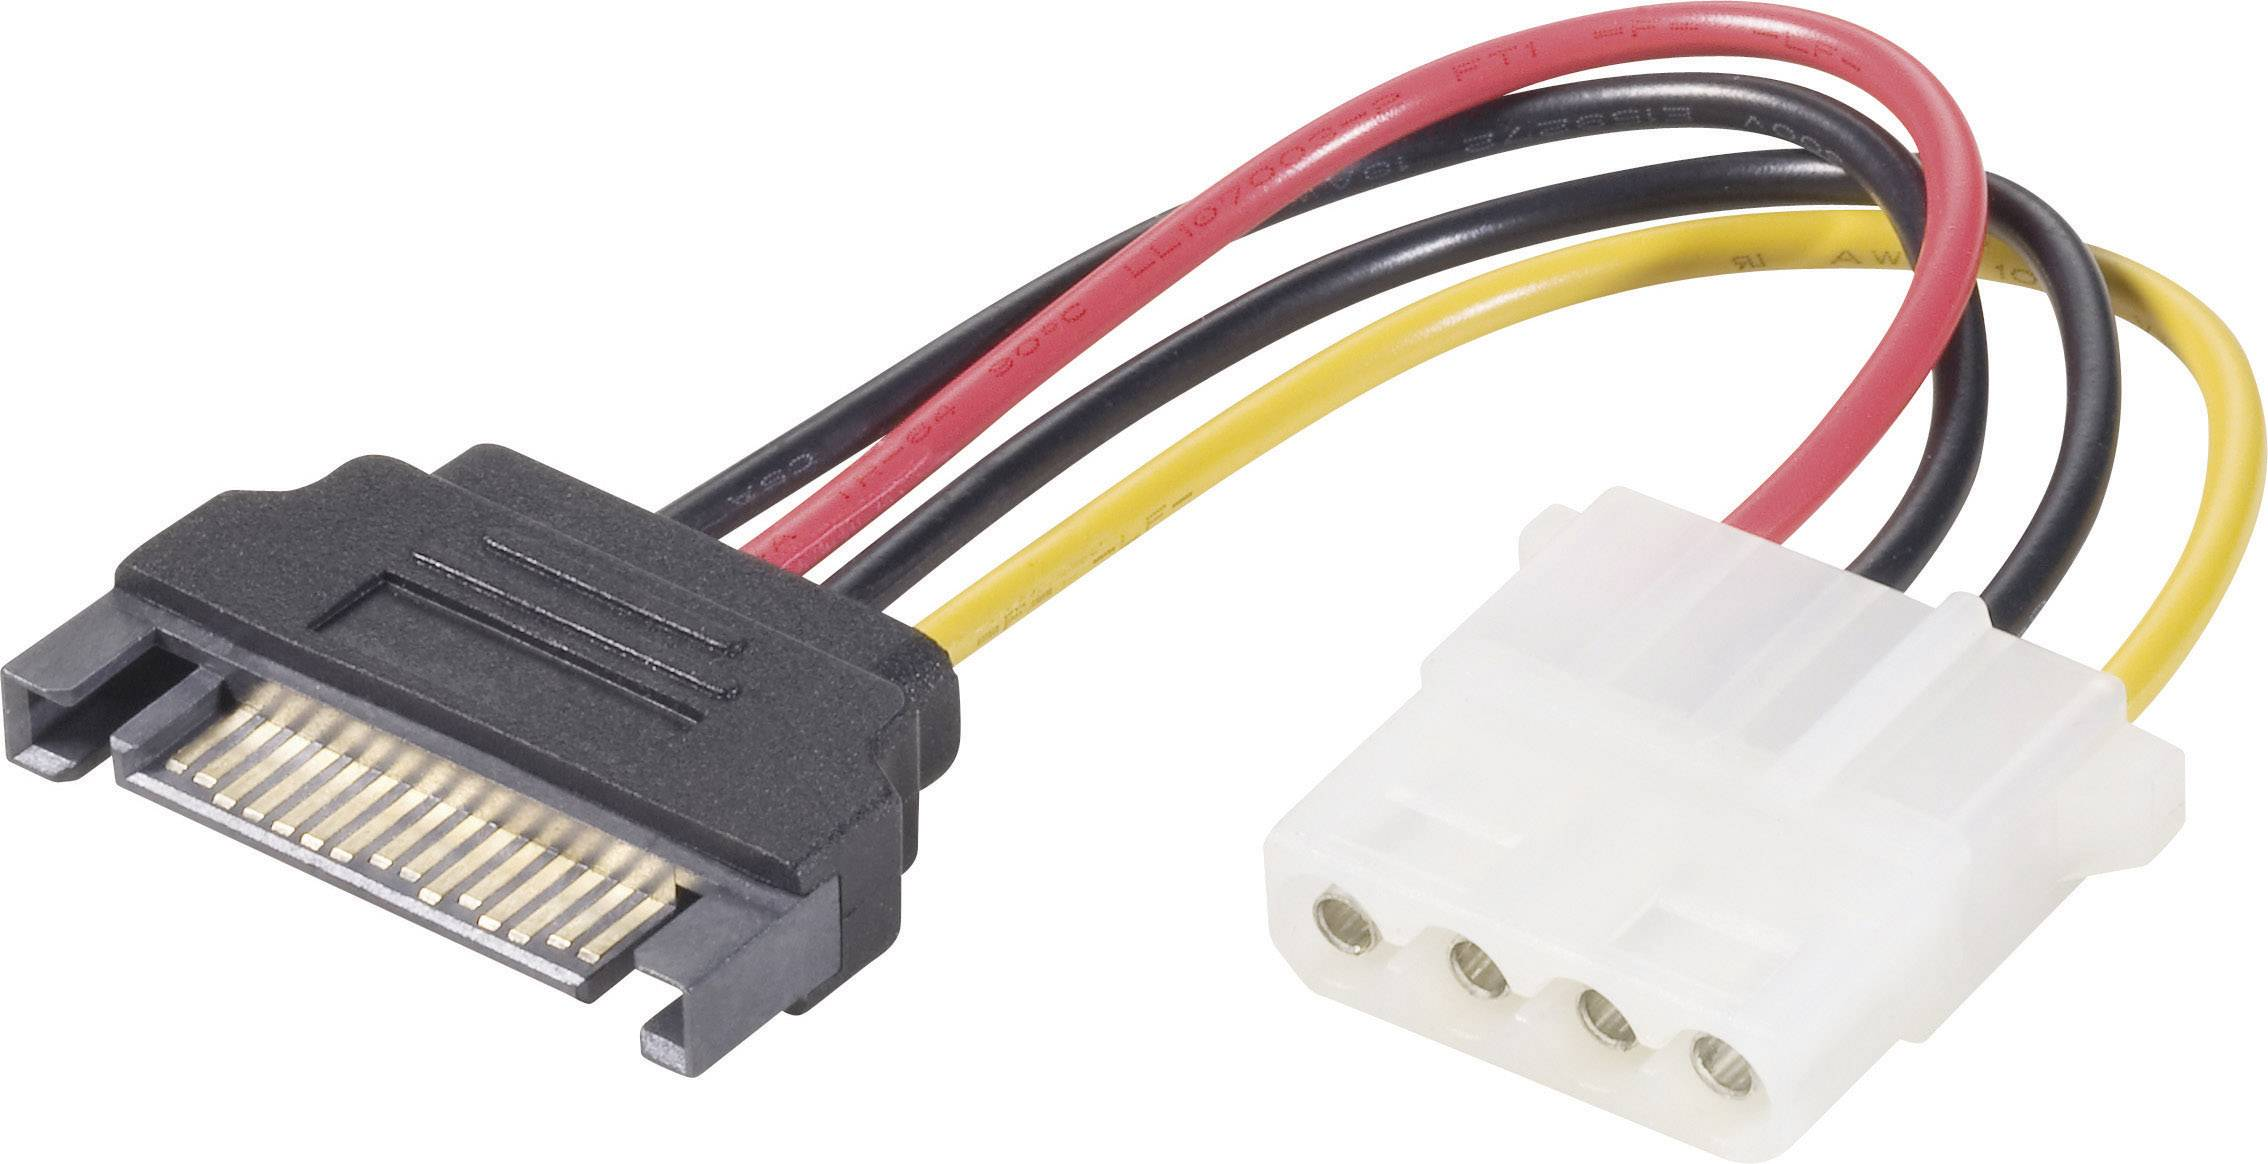 SATA, IDE adaptér Renkforce RF-4174581, čierna, červená, žltá